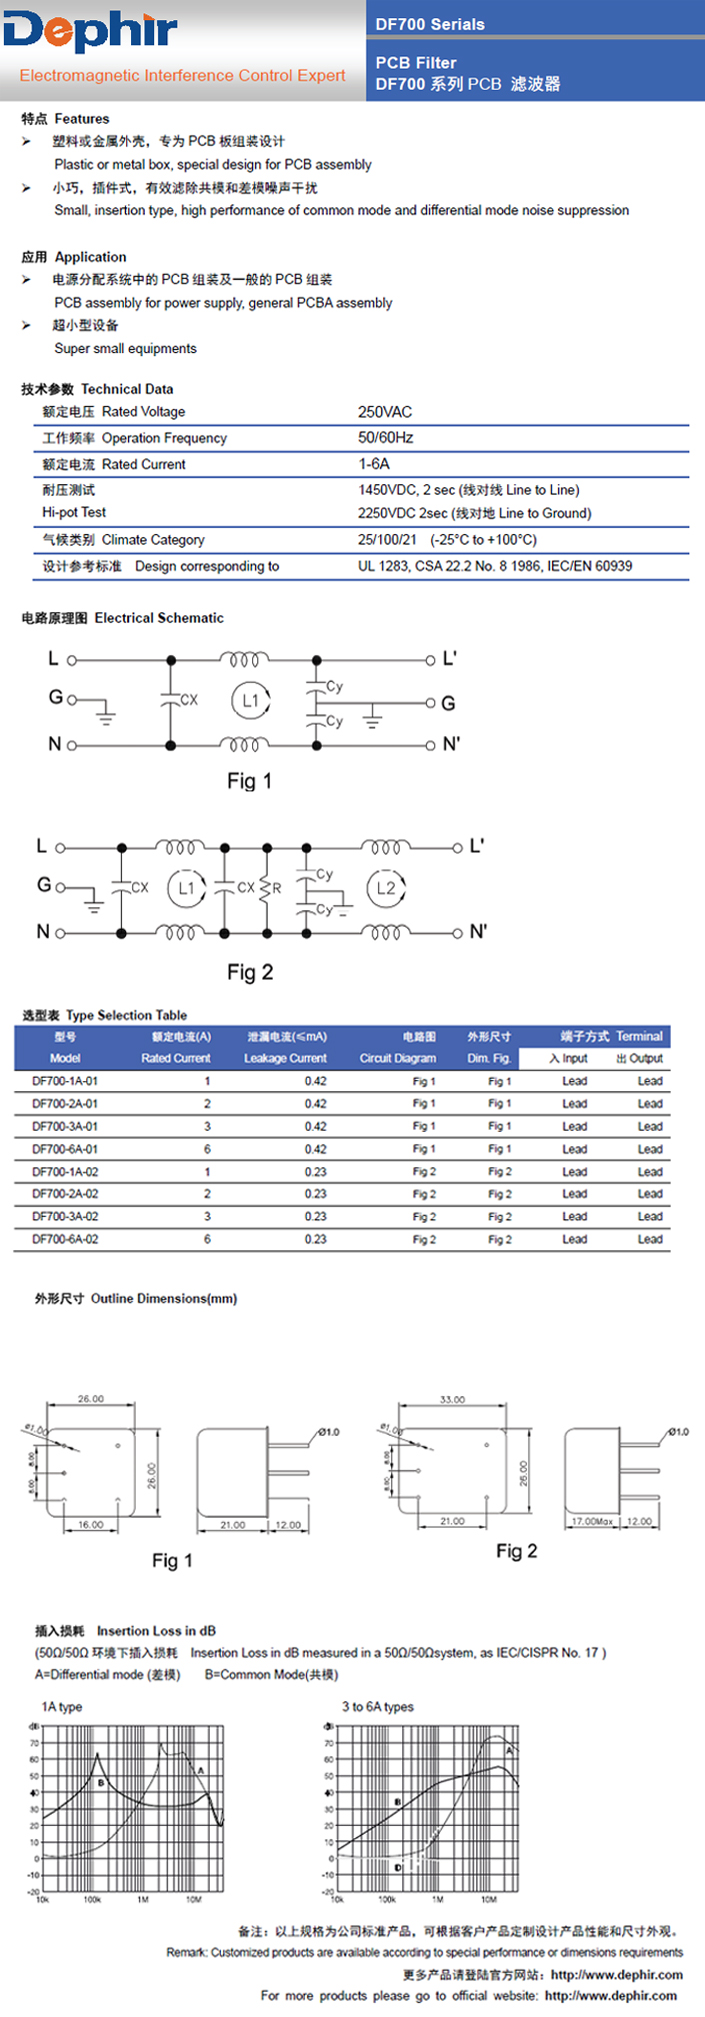 DF700系列PCB滤波器